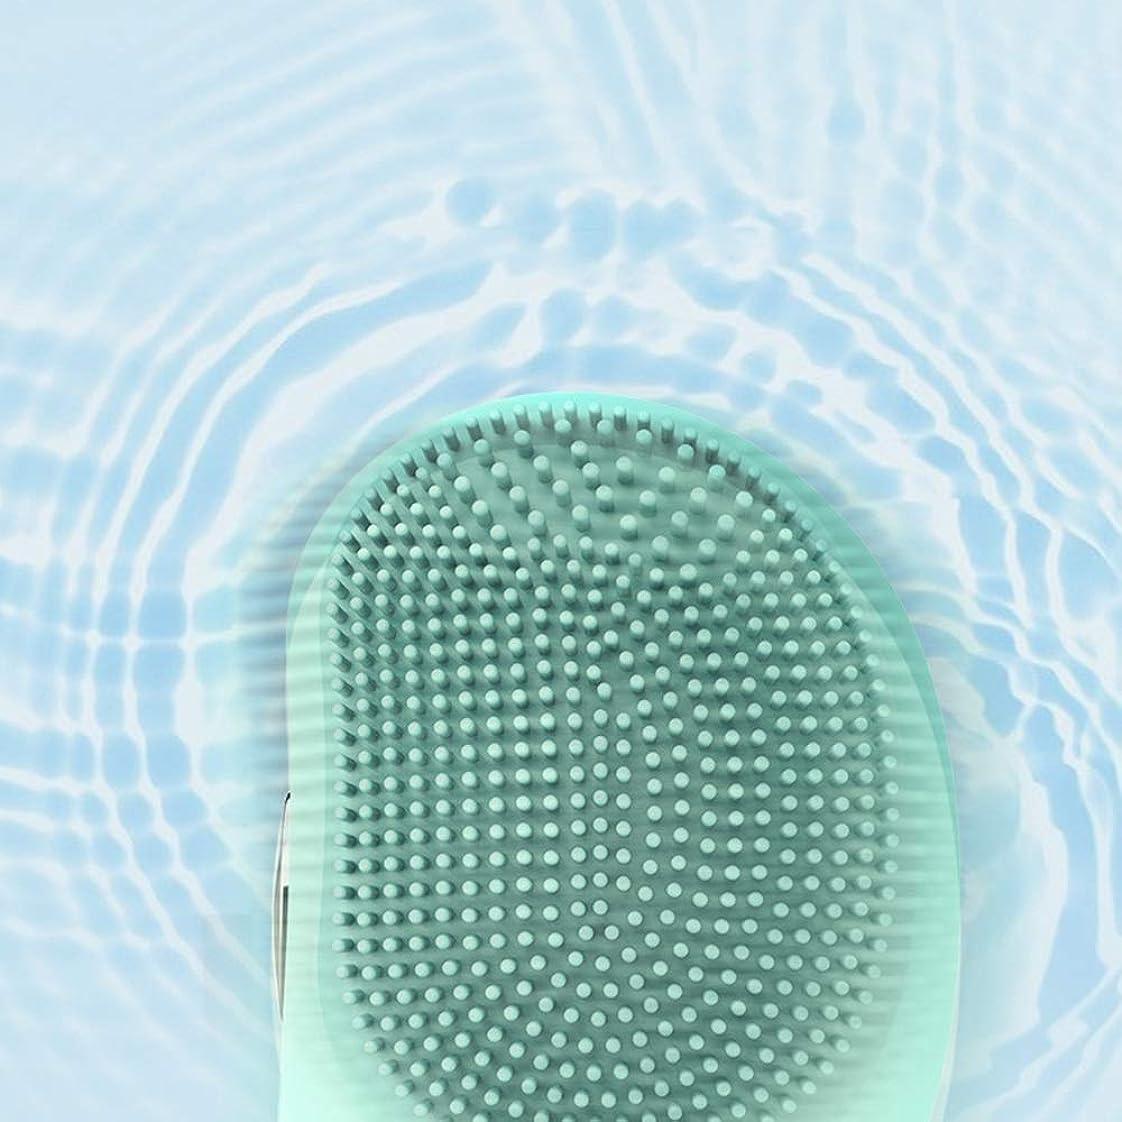 天場合危険にさらされているLYX 新エレクトリック防水シリコーンクレンジングブラシ、超音波振動ポータブルクレンジング器、マッサージ器、美容機器、家庭用クリーナーデトックスクリーニングブラシ (Color : 青)